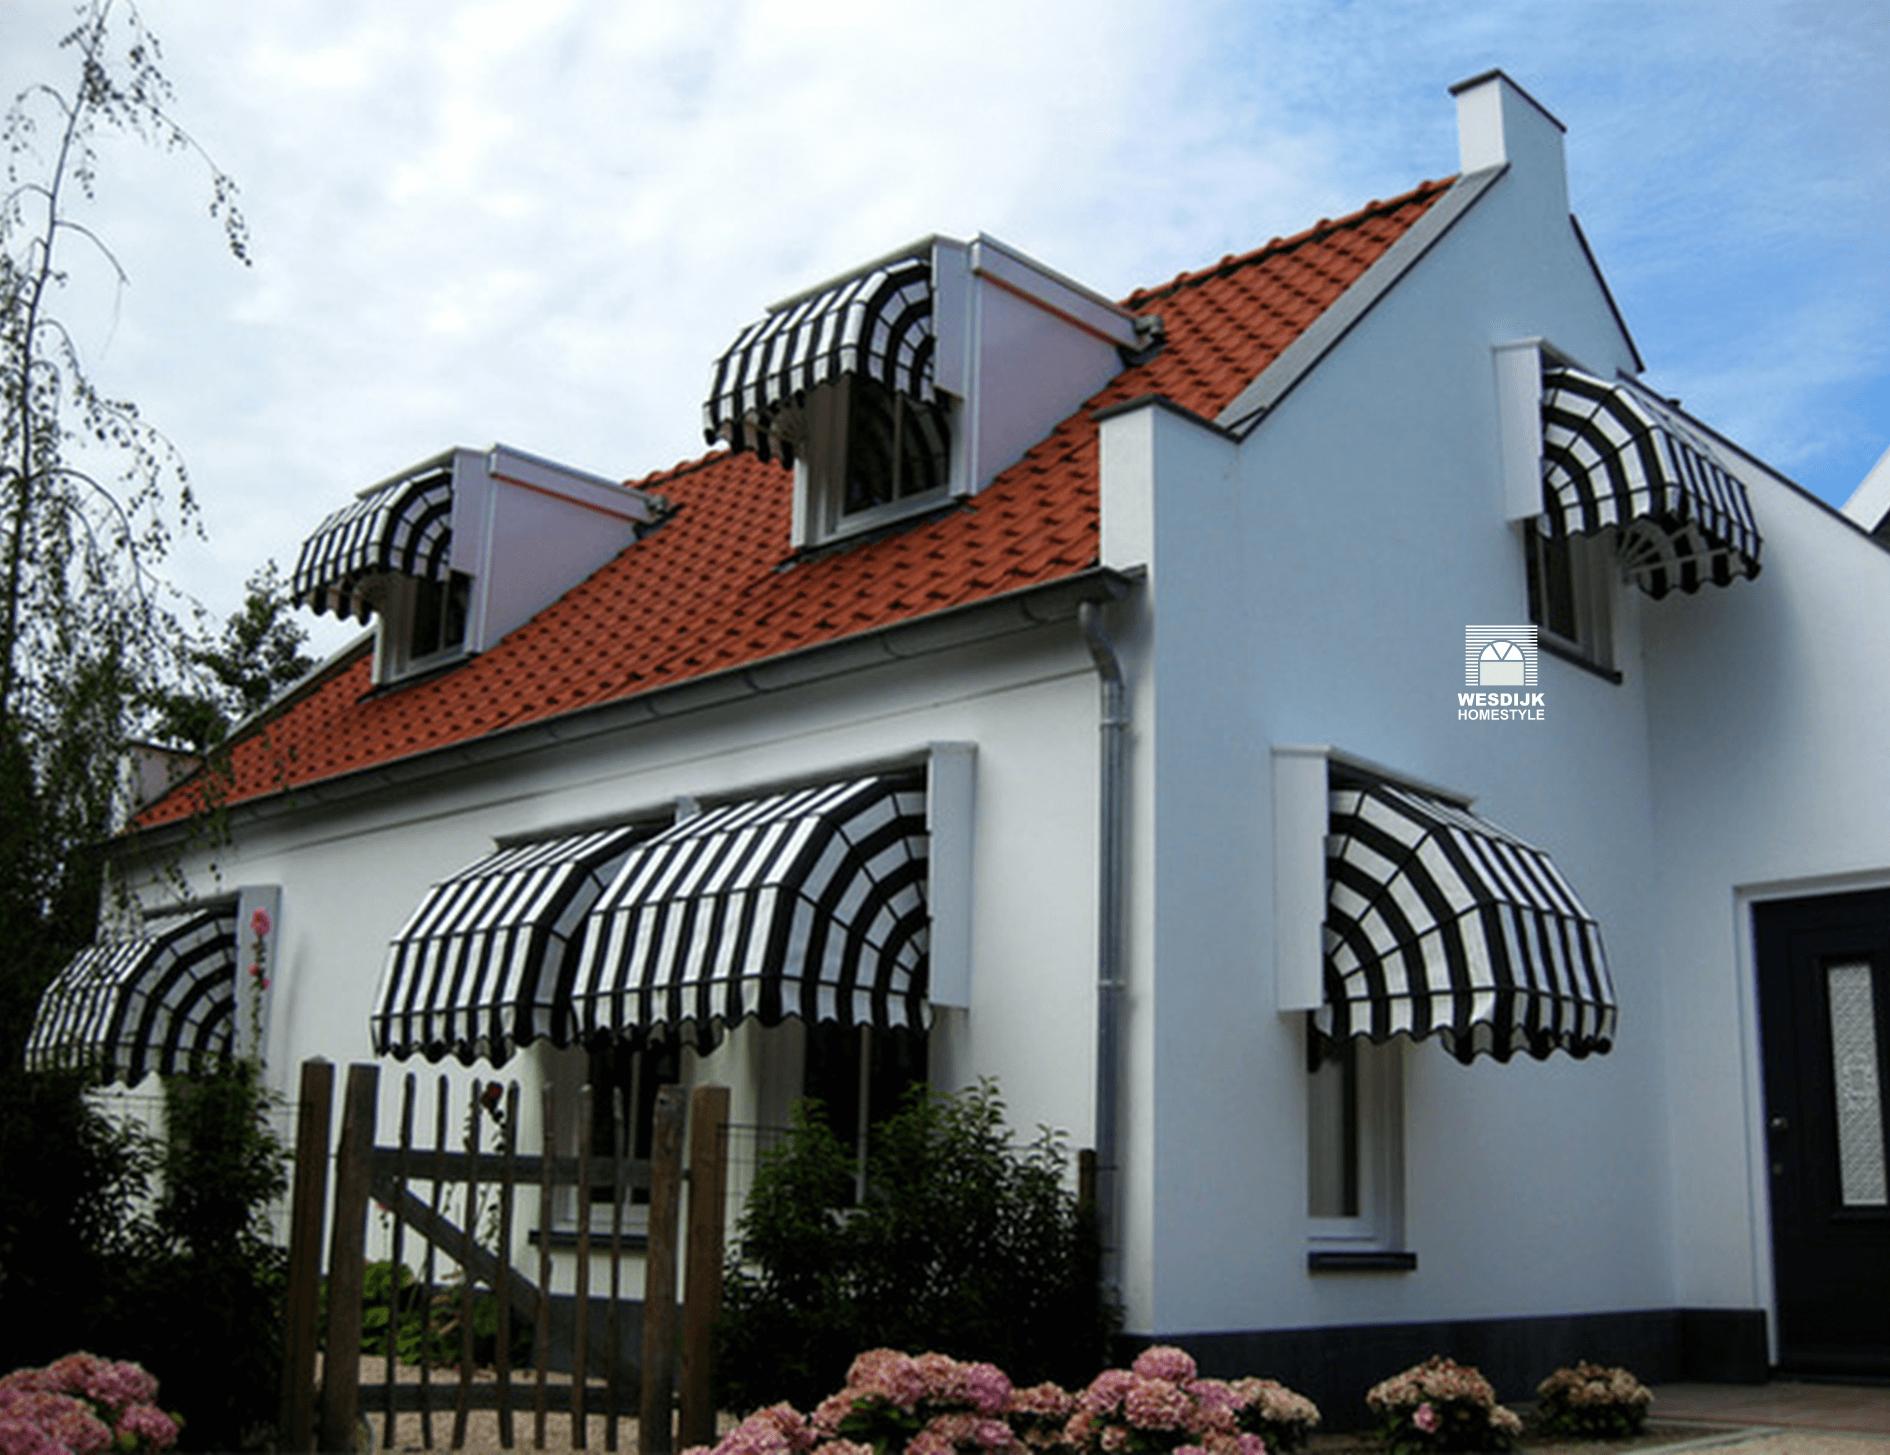 Markiezen zorgen voor een klassieke uitstraling van uw woning markiezen ZONWERING